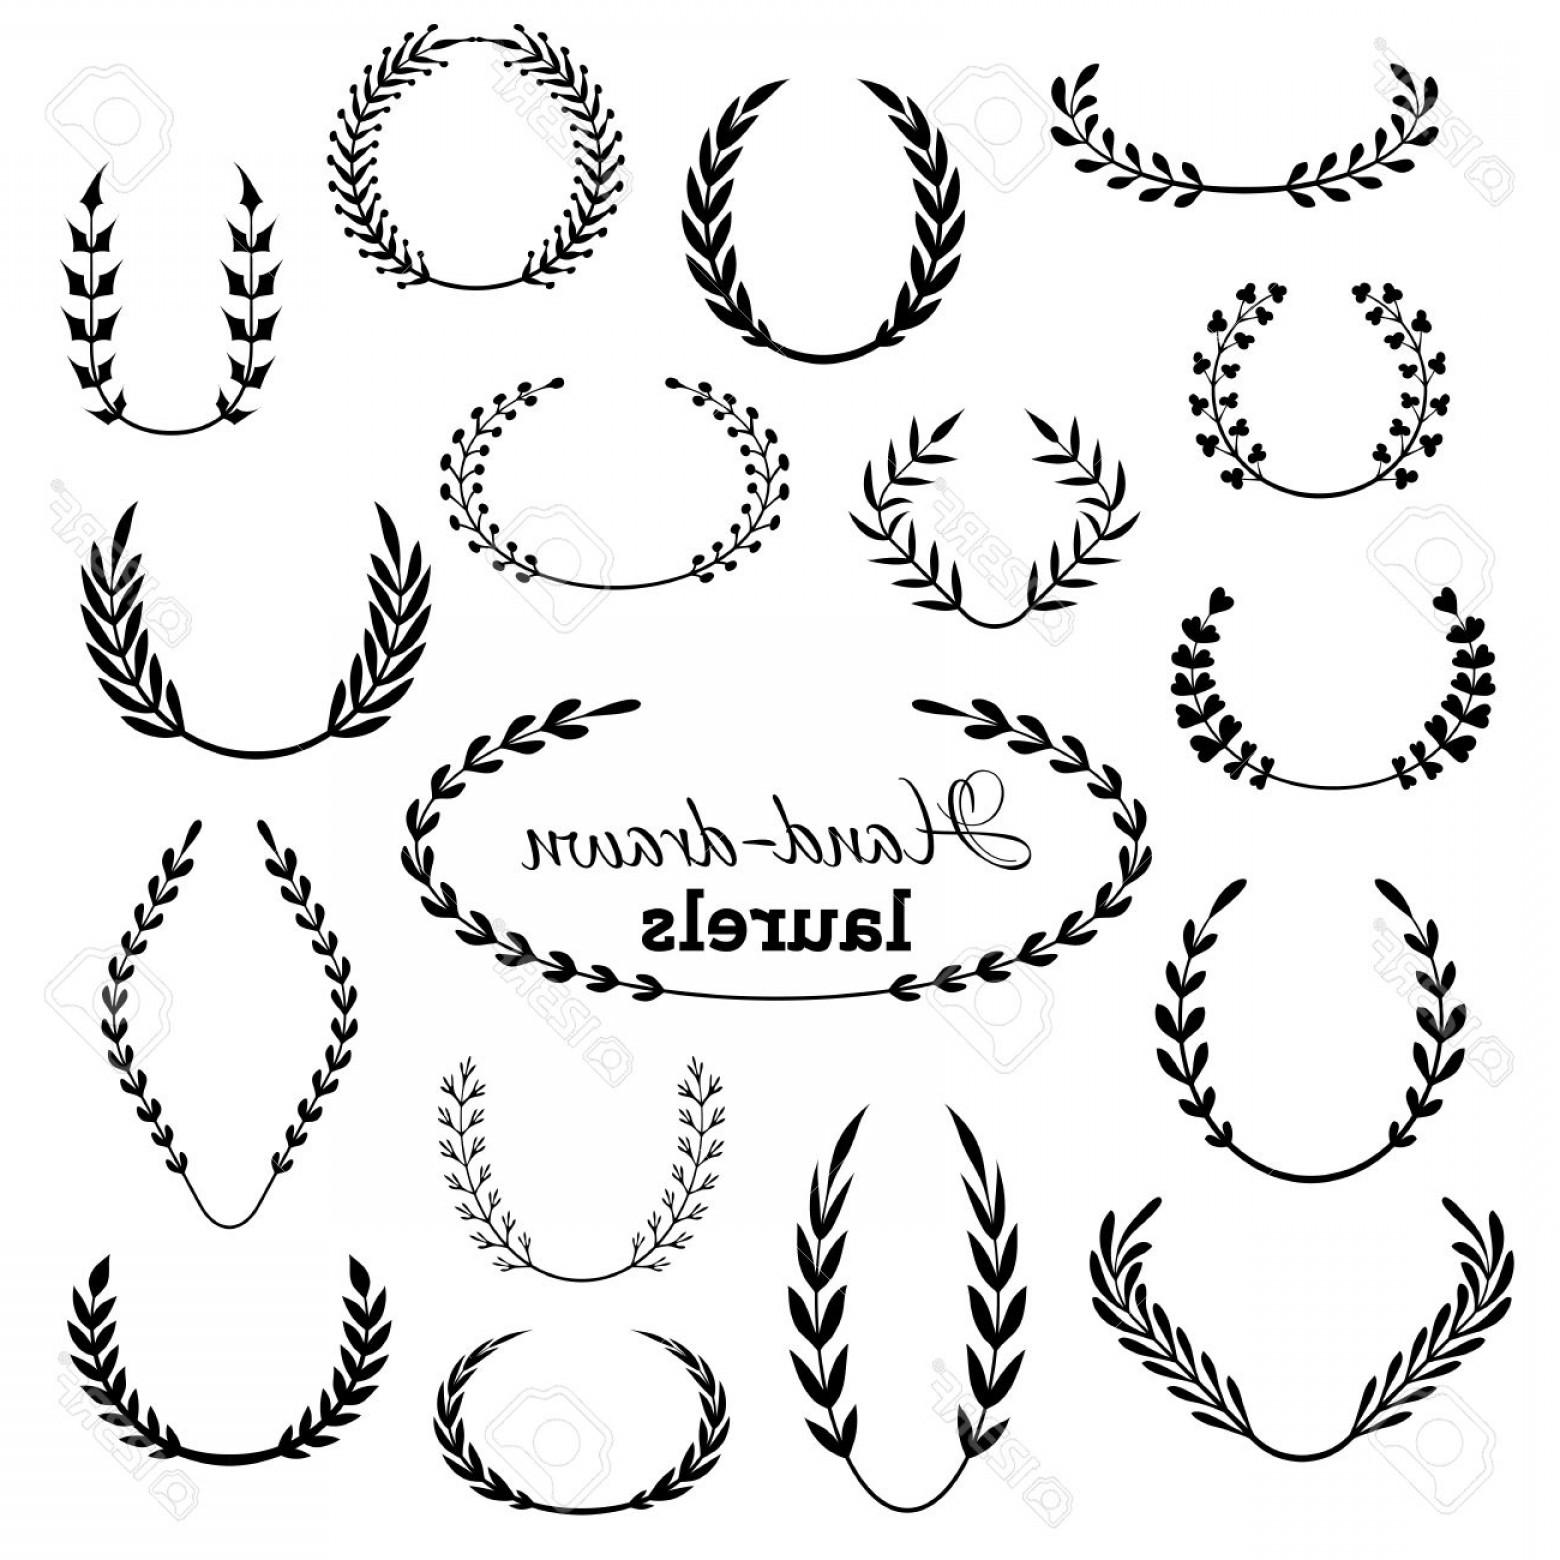 1560x1560 Photostock Vector Vector Set Of Laurel Wreaths Hand Drawn Design